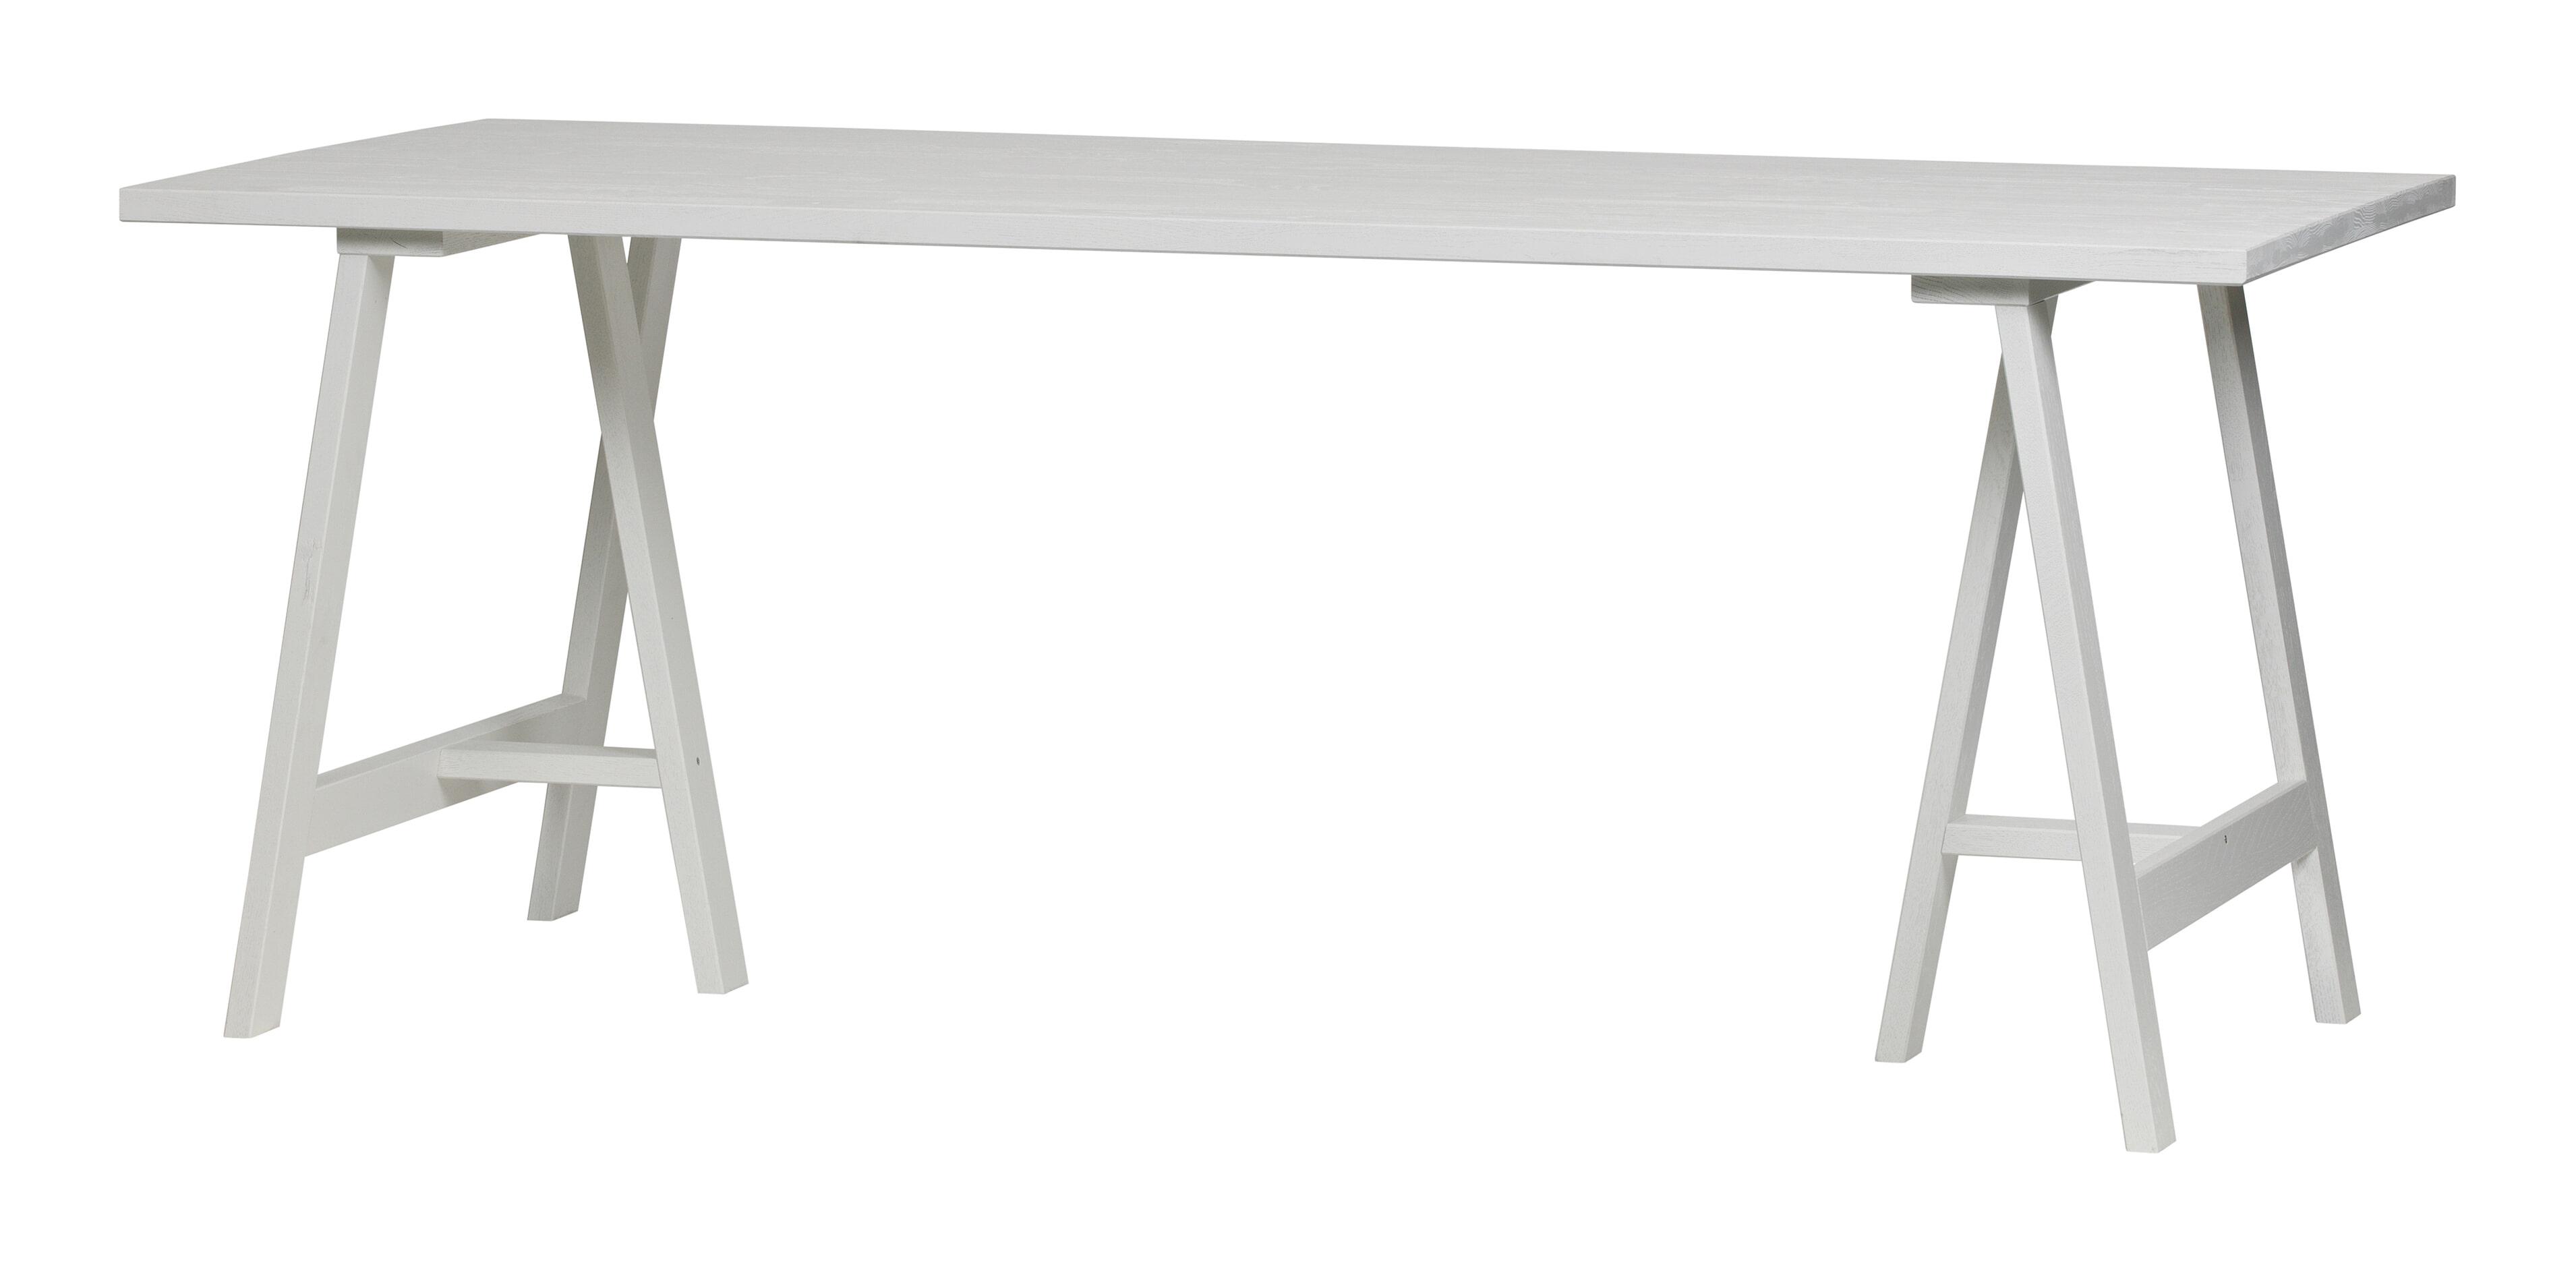 vtwonen Eettafel 'Panel' 220 x 80cm, kleur Wit met voordeel snel in huis via Meubel Partner